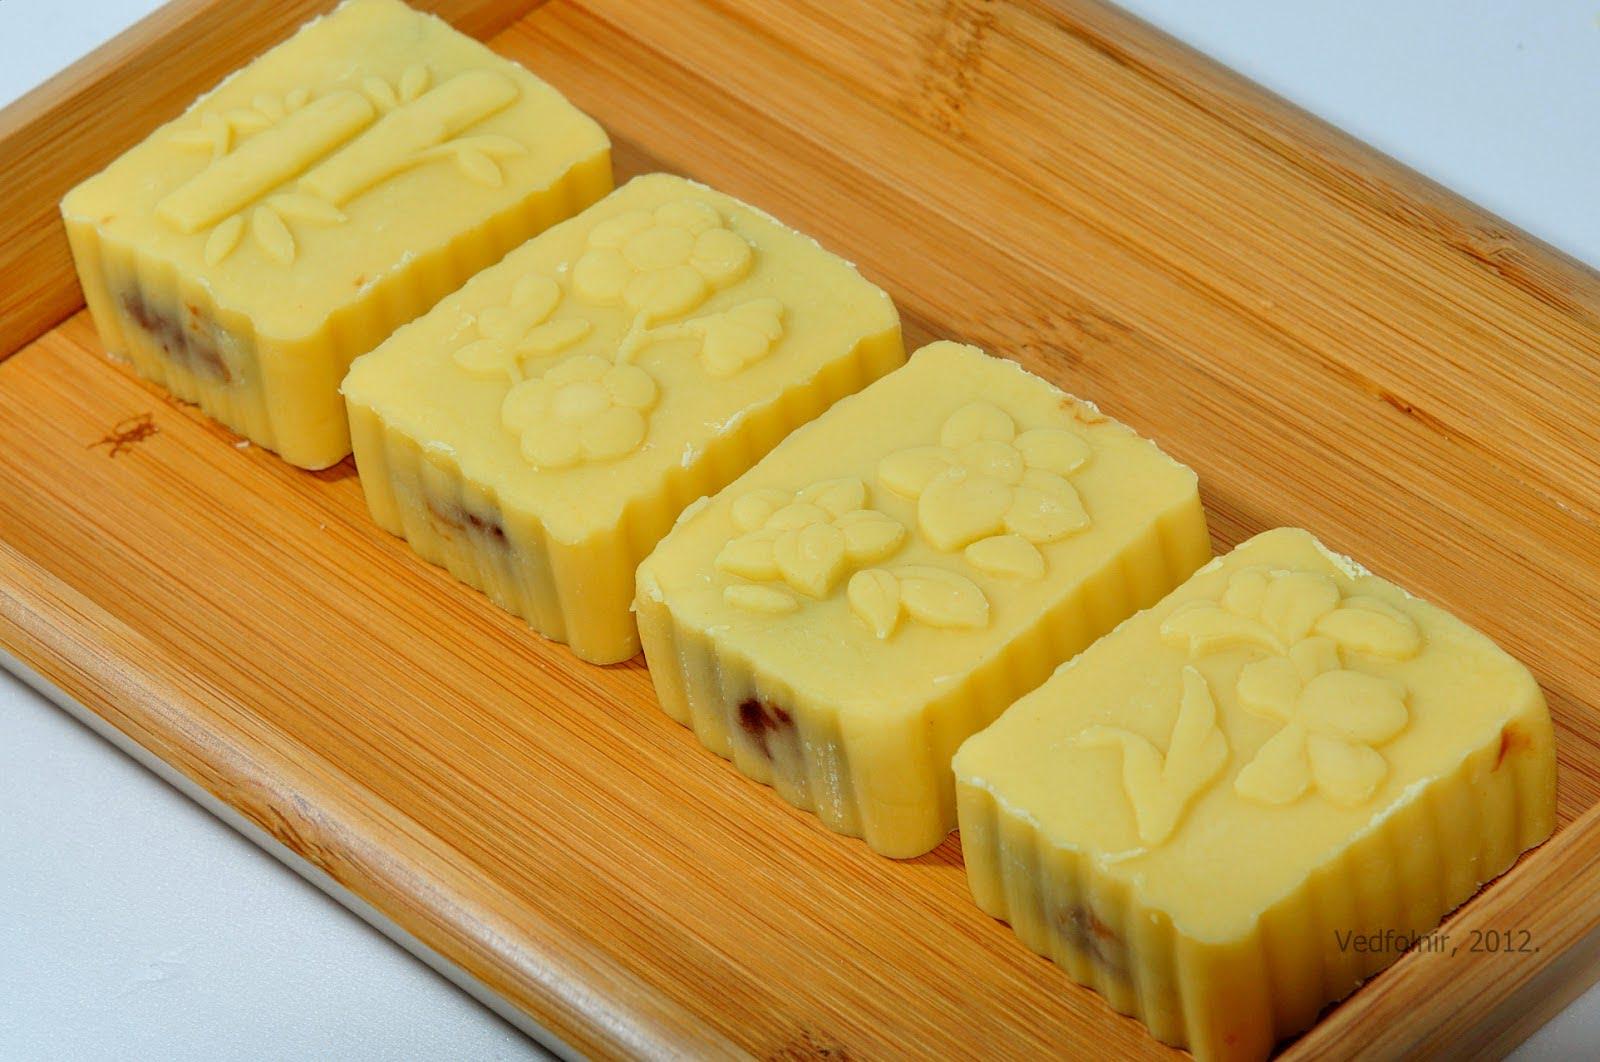 foodimg-roooroo-cake-biscuit-cookie-snack-什倆漉餅行-vedfolnir-4-piece